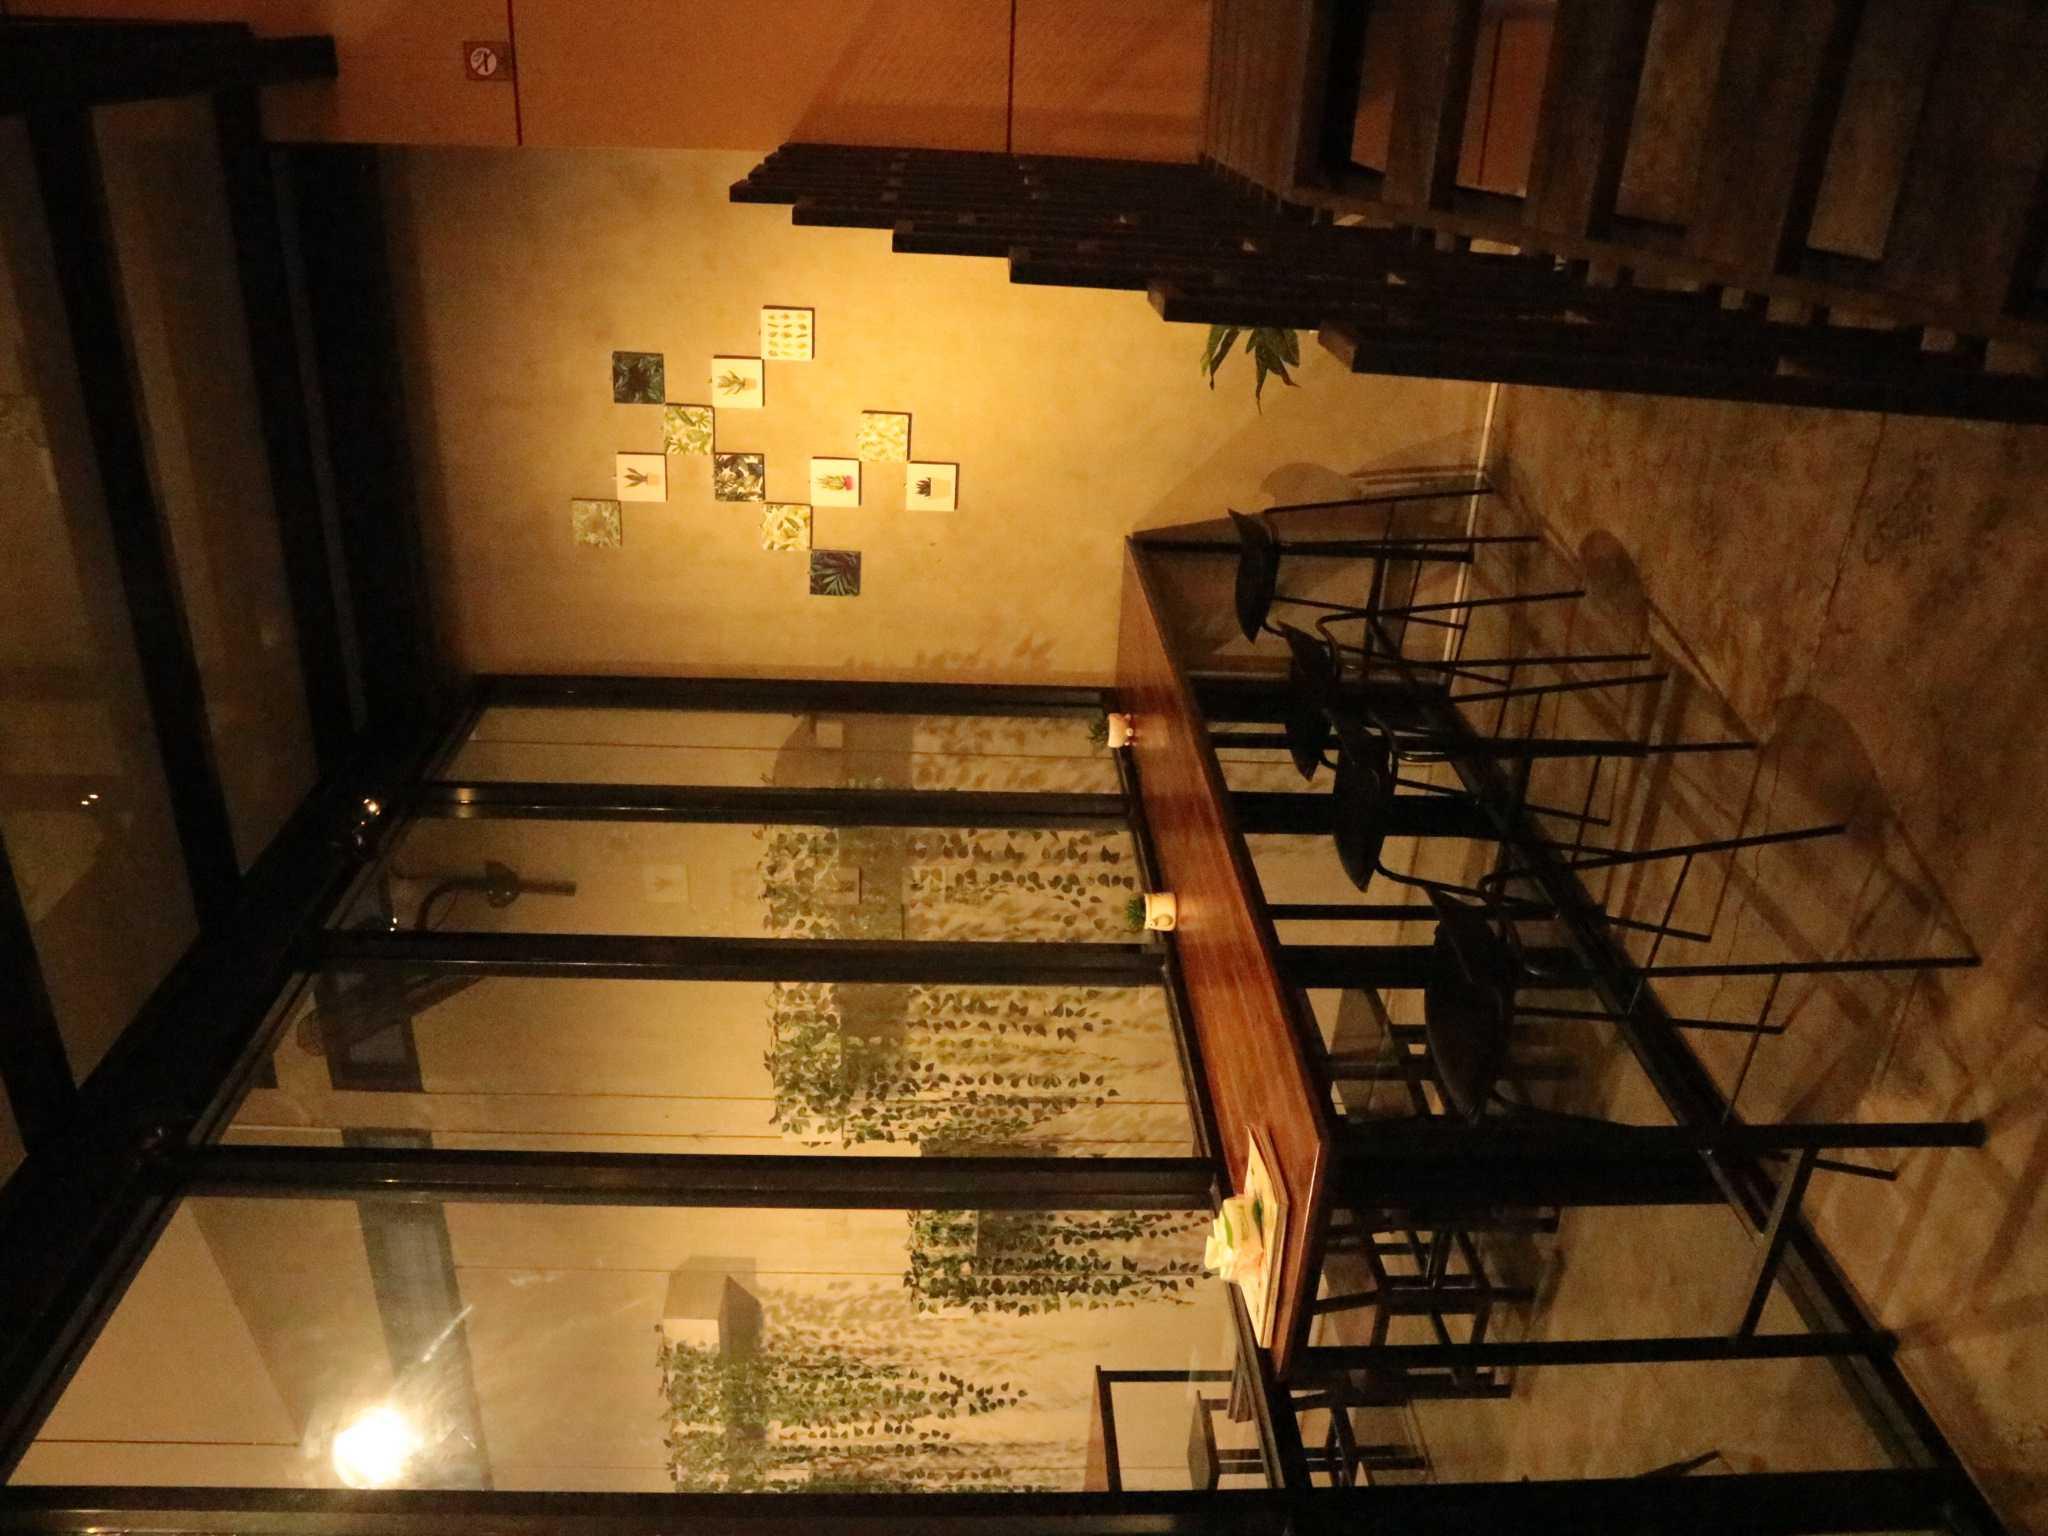 Fau Architects Athaya Coffee Pedurungan, Kota Semarang, Jawa Tengah, Indonesia Pedurungan, Kota Semarang, Jawa Tengah, Indonesia Interior Athaya Coffee (No Smoking Area) Industrial 63389